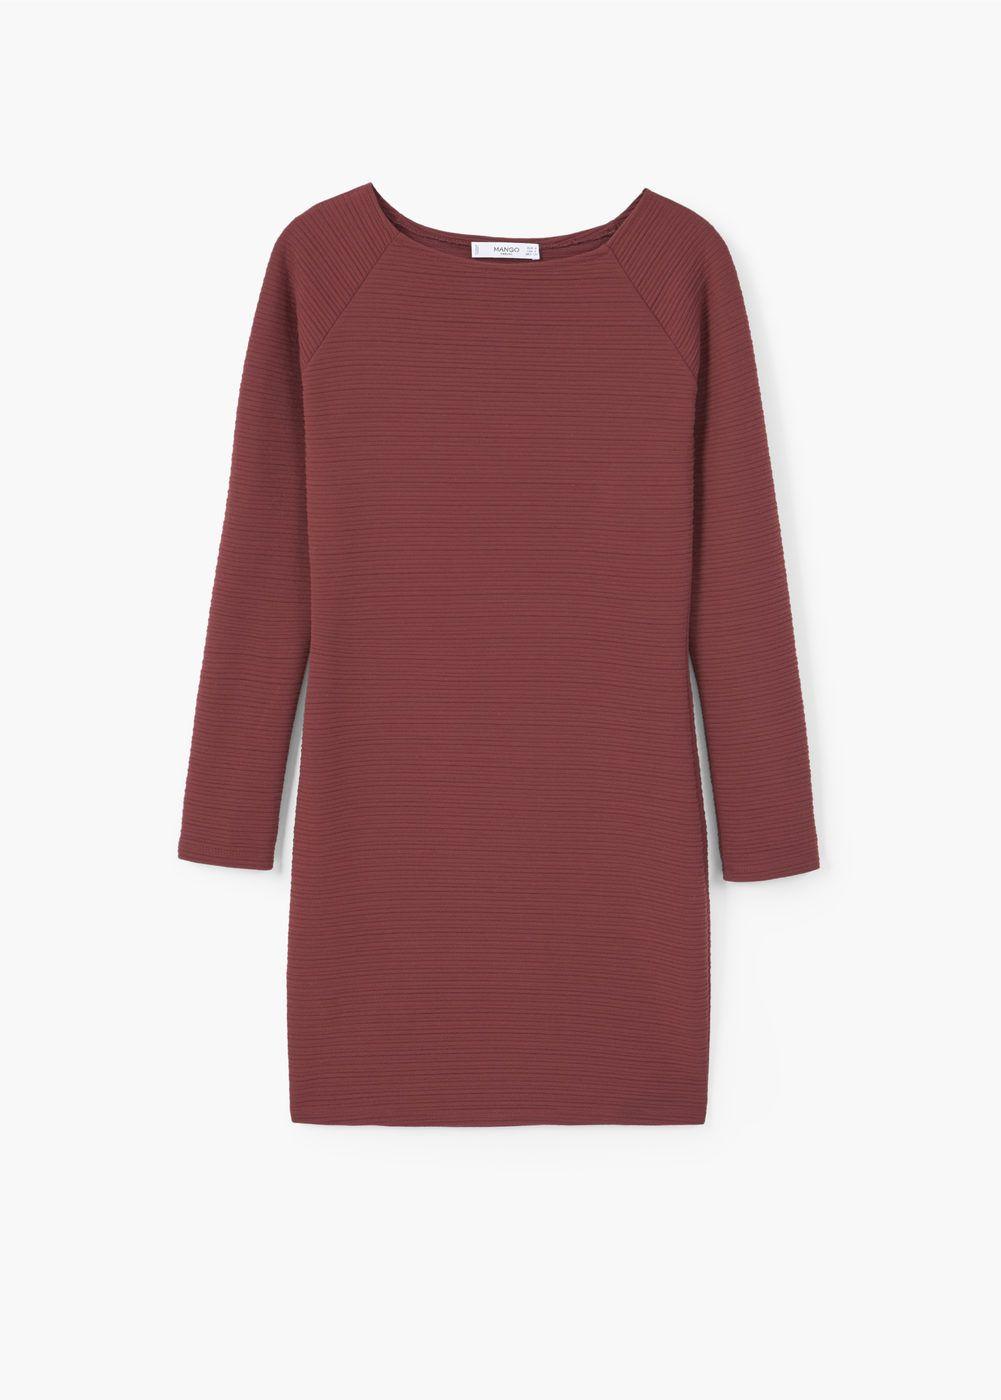 Schmales, strukturiertes kleid - Damen   strukturiertes Kleid ... b2cddecdd3